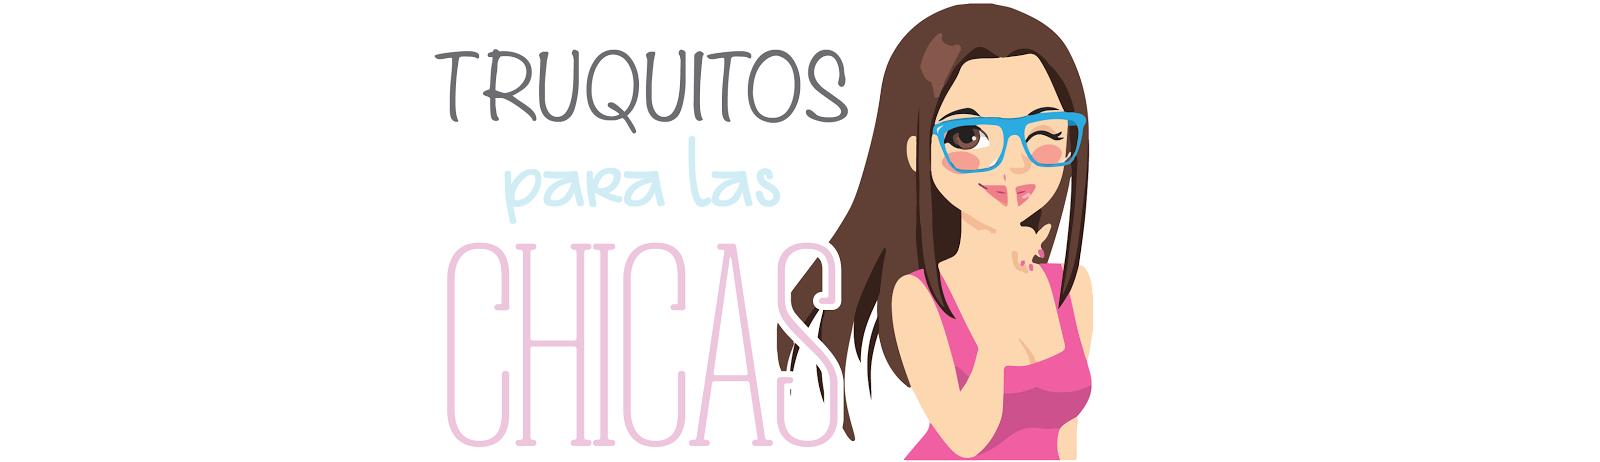 mejores blogs de belleza: Truquitos para las chicas